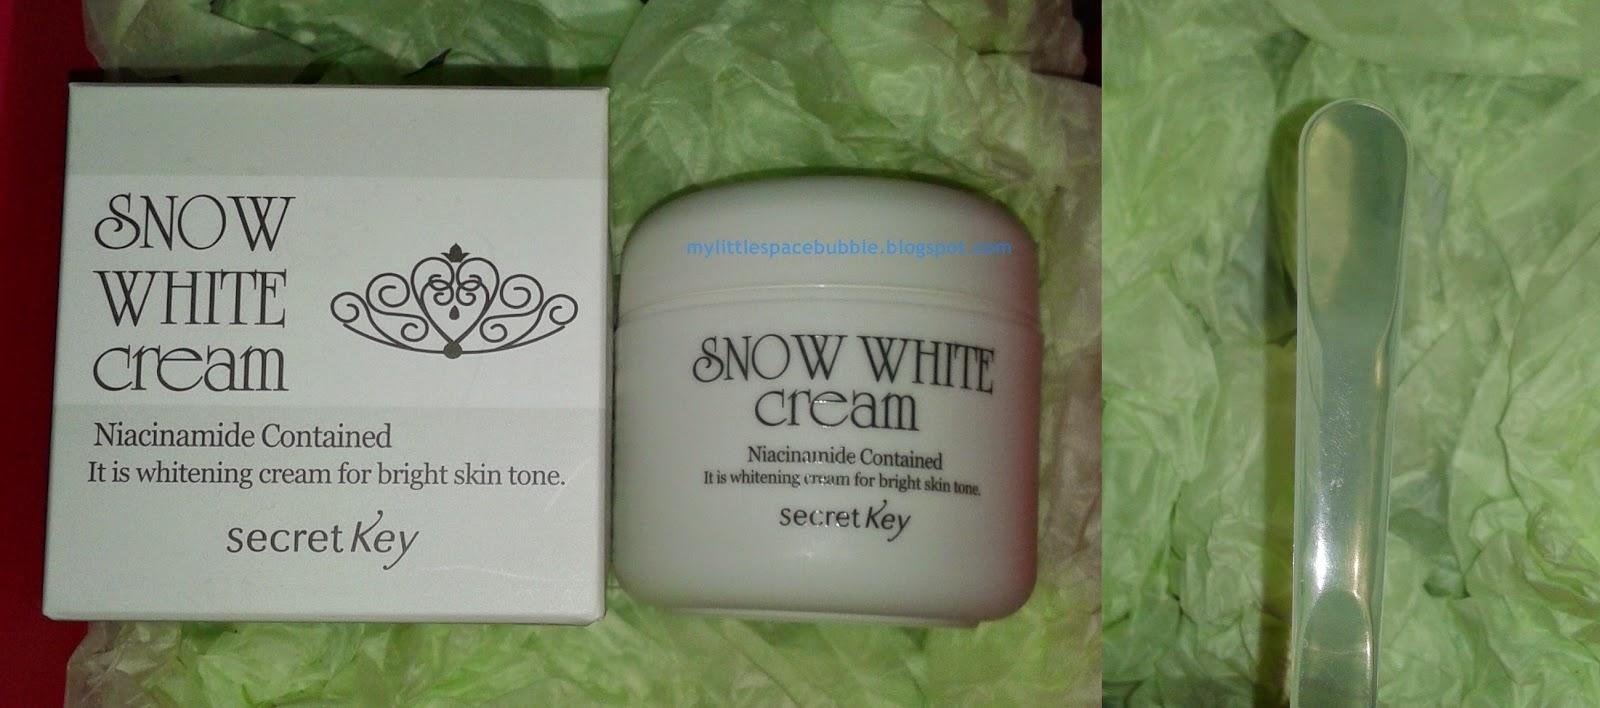 My Little Space Bubble Memebox Secret Key Value Set Season 2 Unboxing Treatment Cream 50gr Snow White 50g